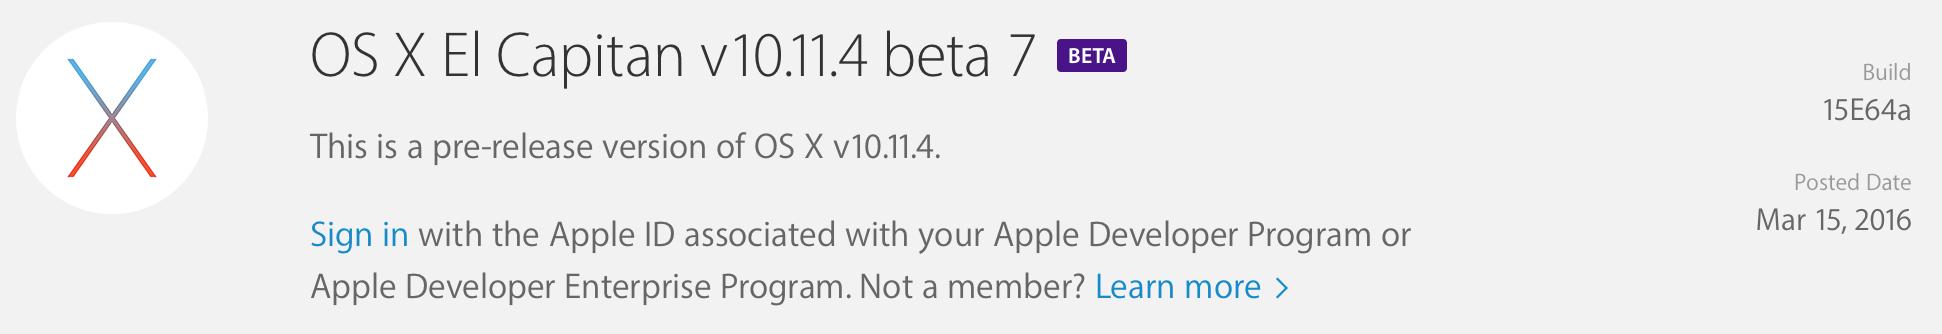 OS X Beta-Release-bildschirmfoto-2016-03-15-um-18.55.23.png